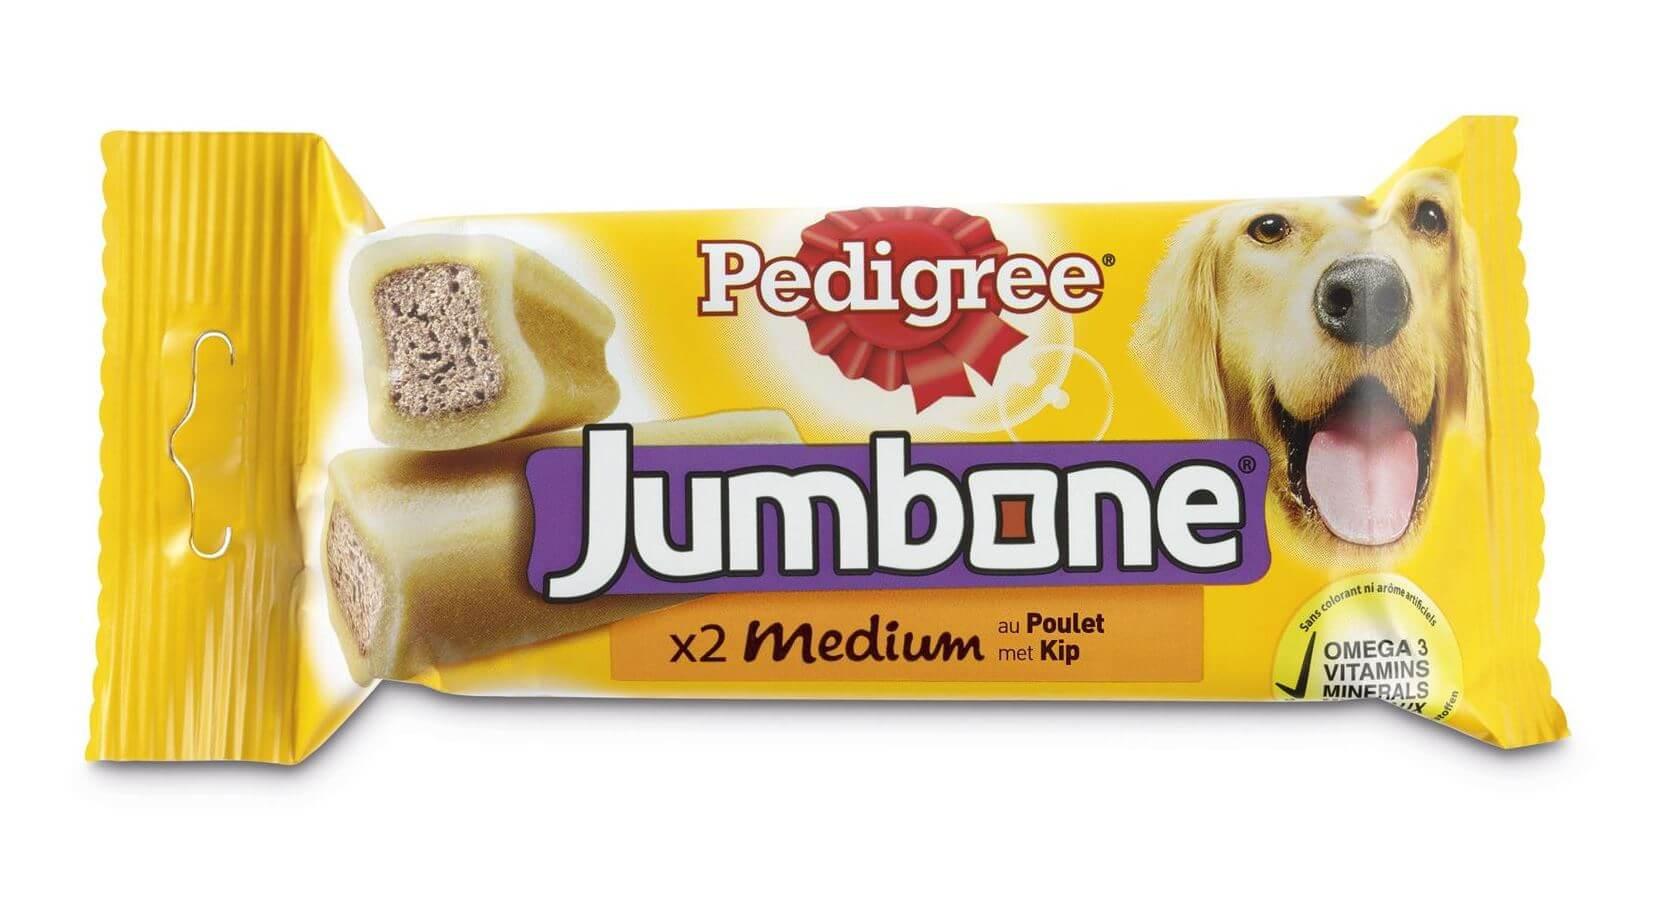 Pedigree Jumbone Medium Kip